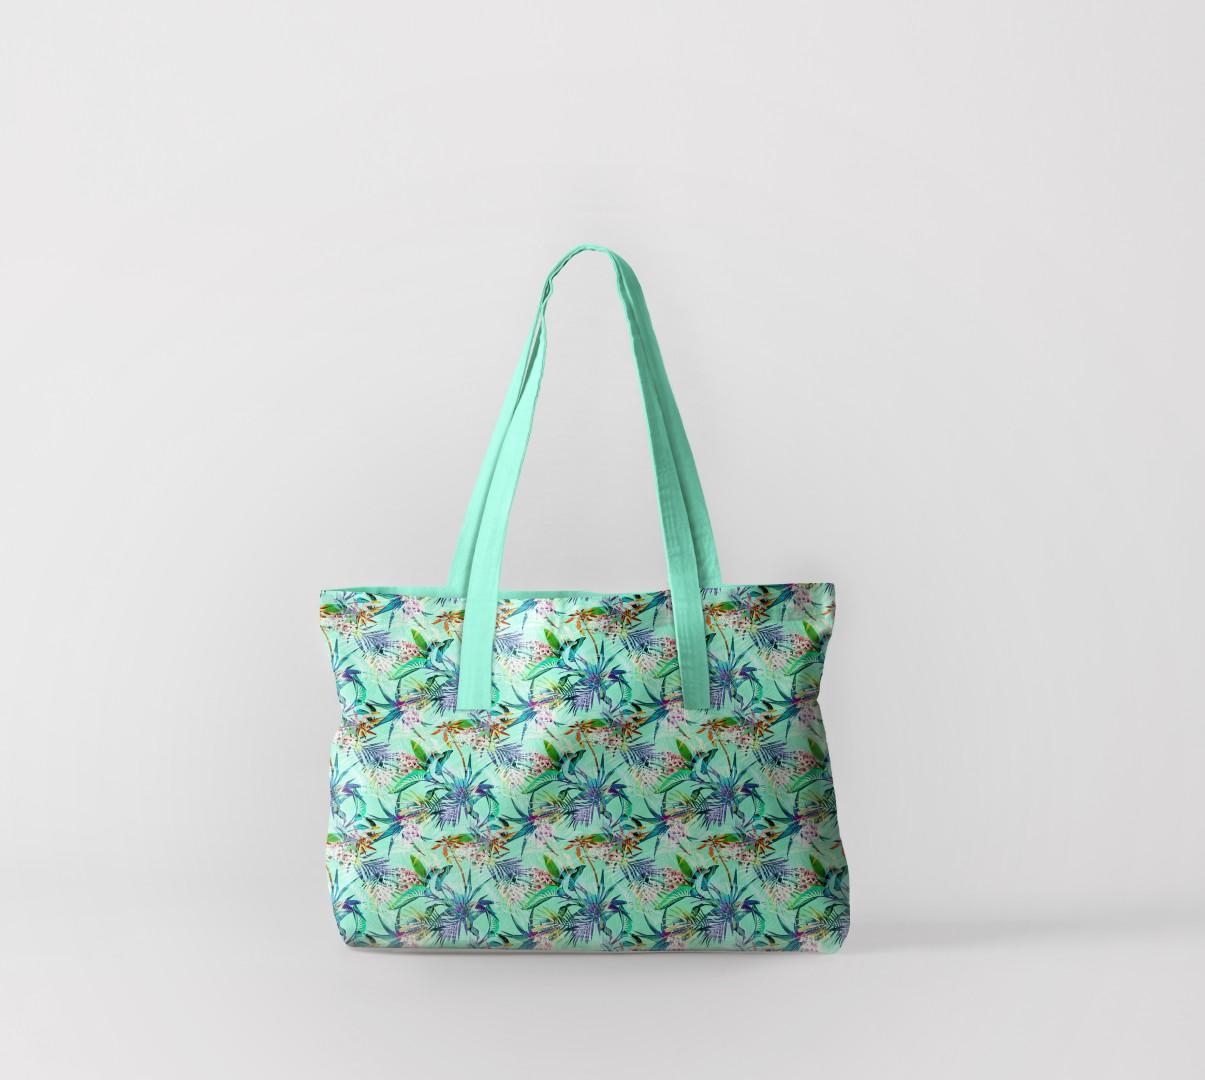 Пляжная сумка Тропический лес (50х40 см) Олимп Текстиль oli732597